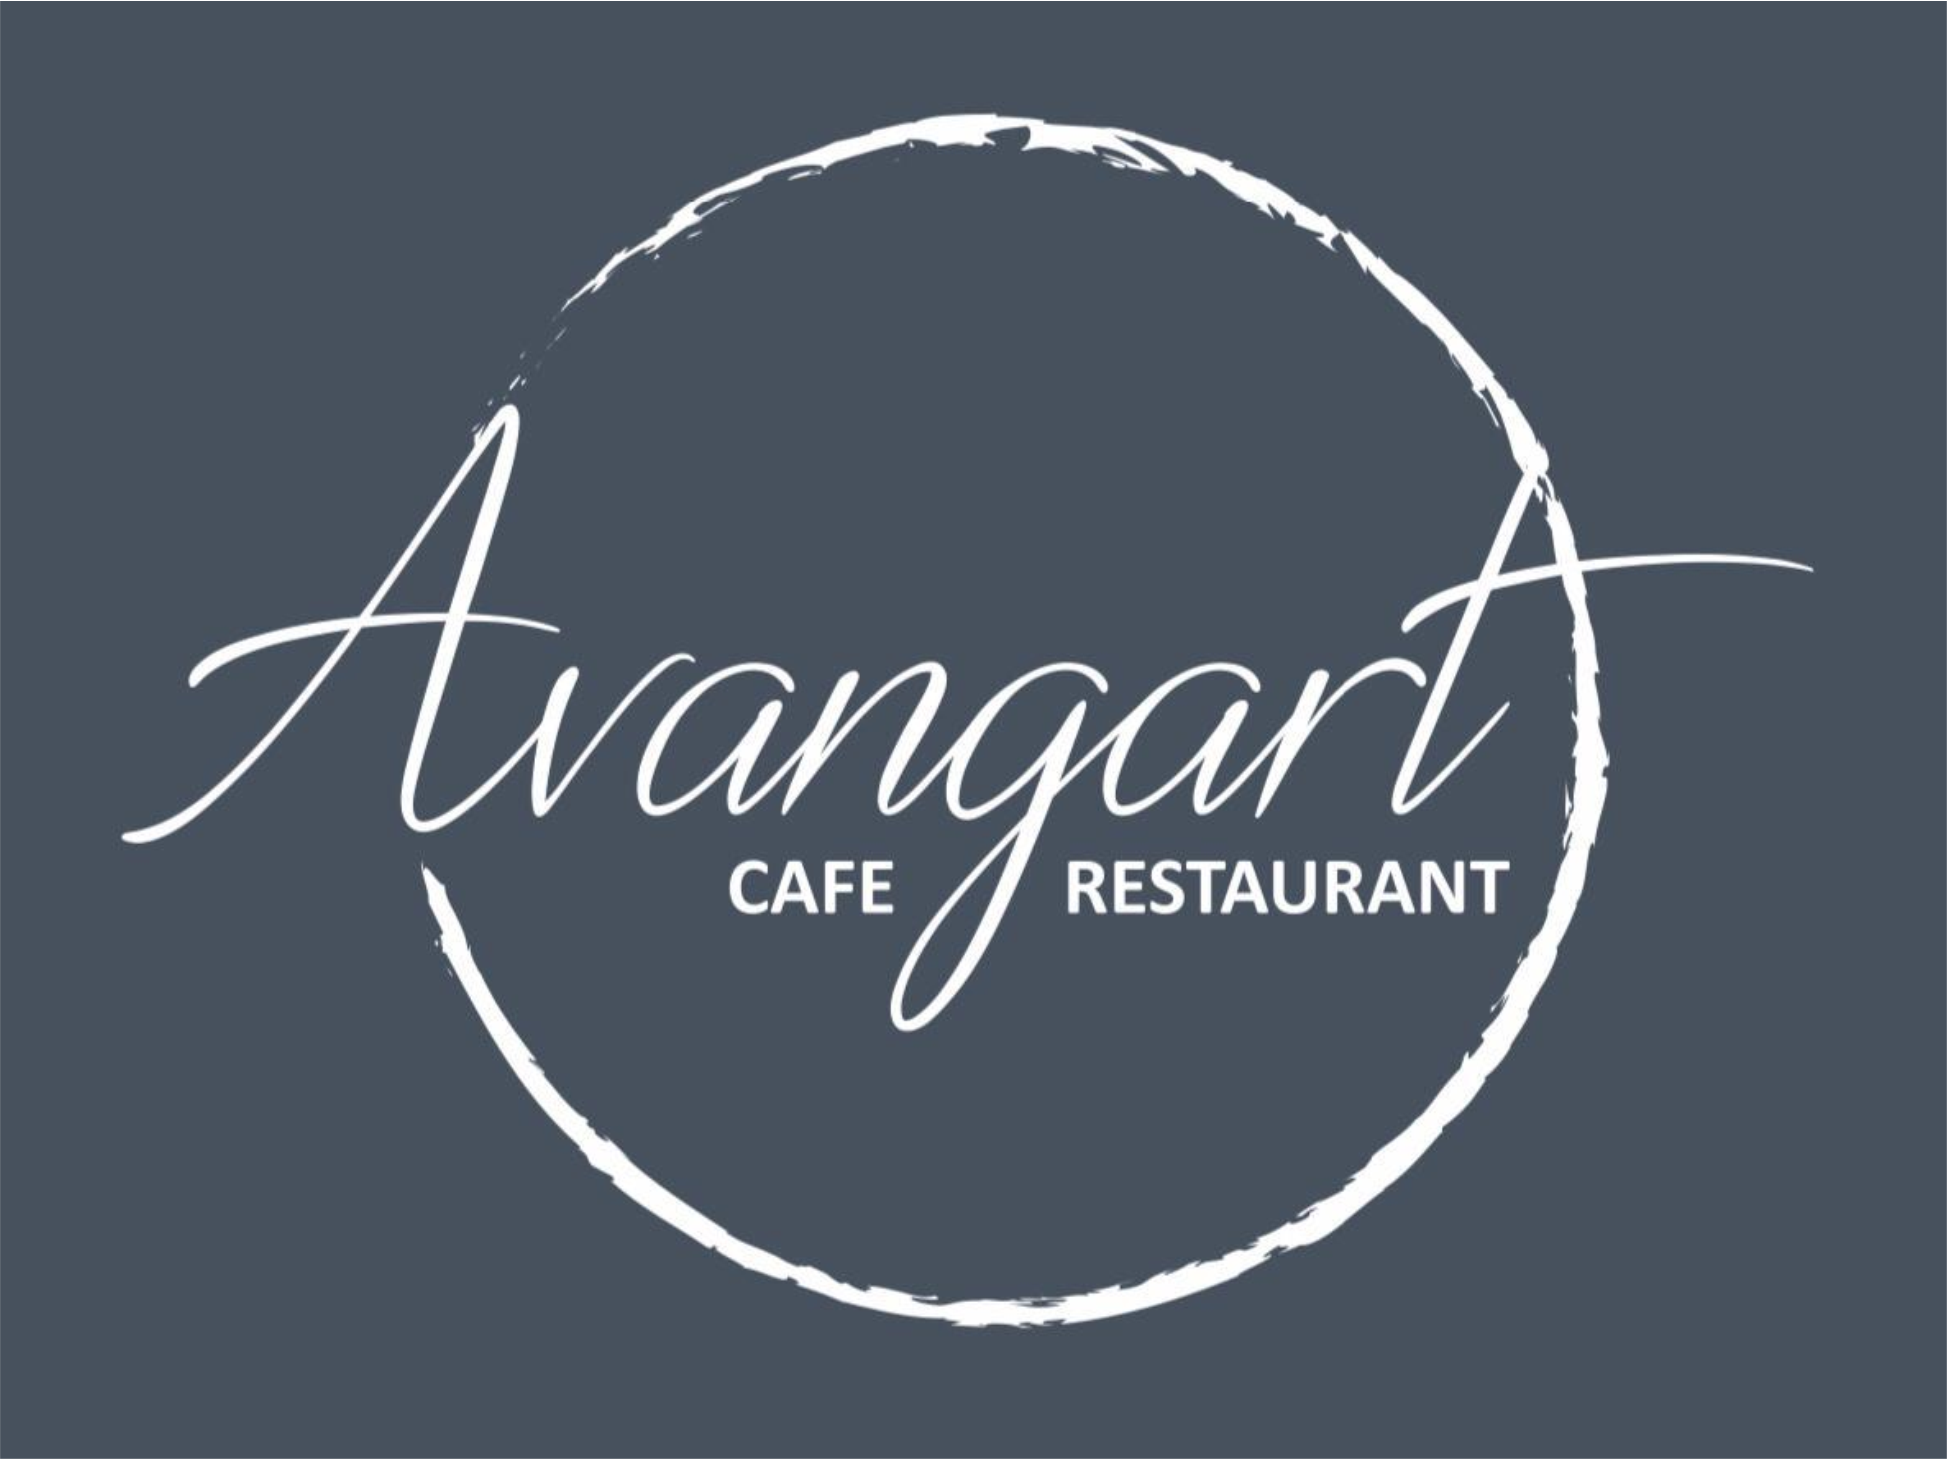 Avangart Cafe & Restaurant